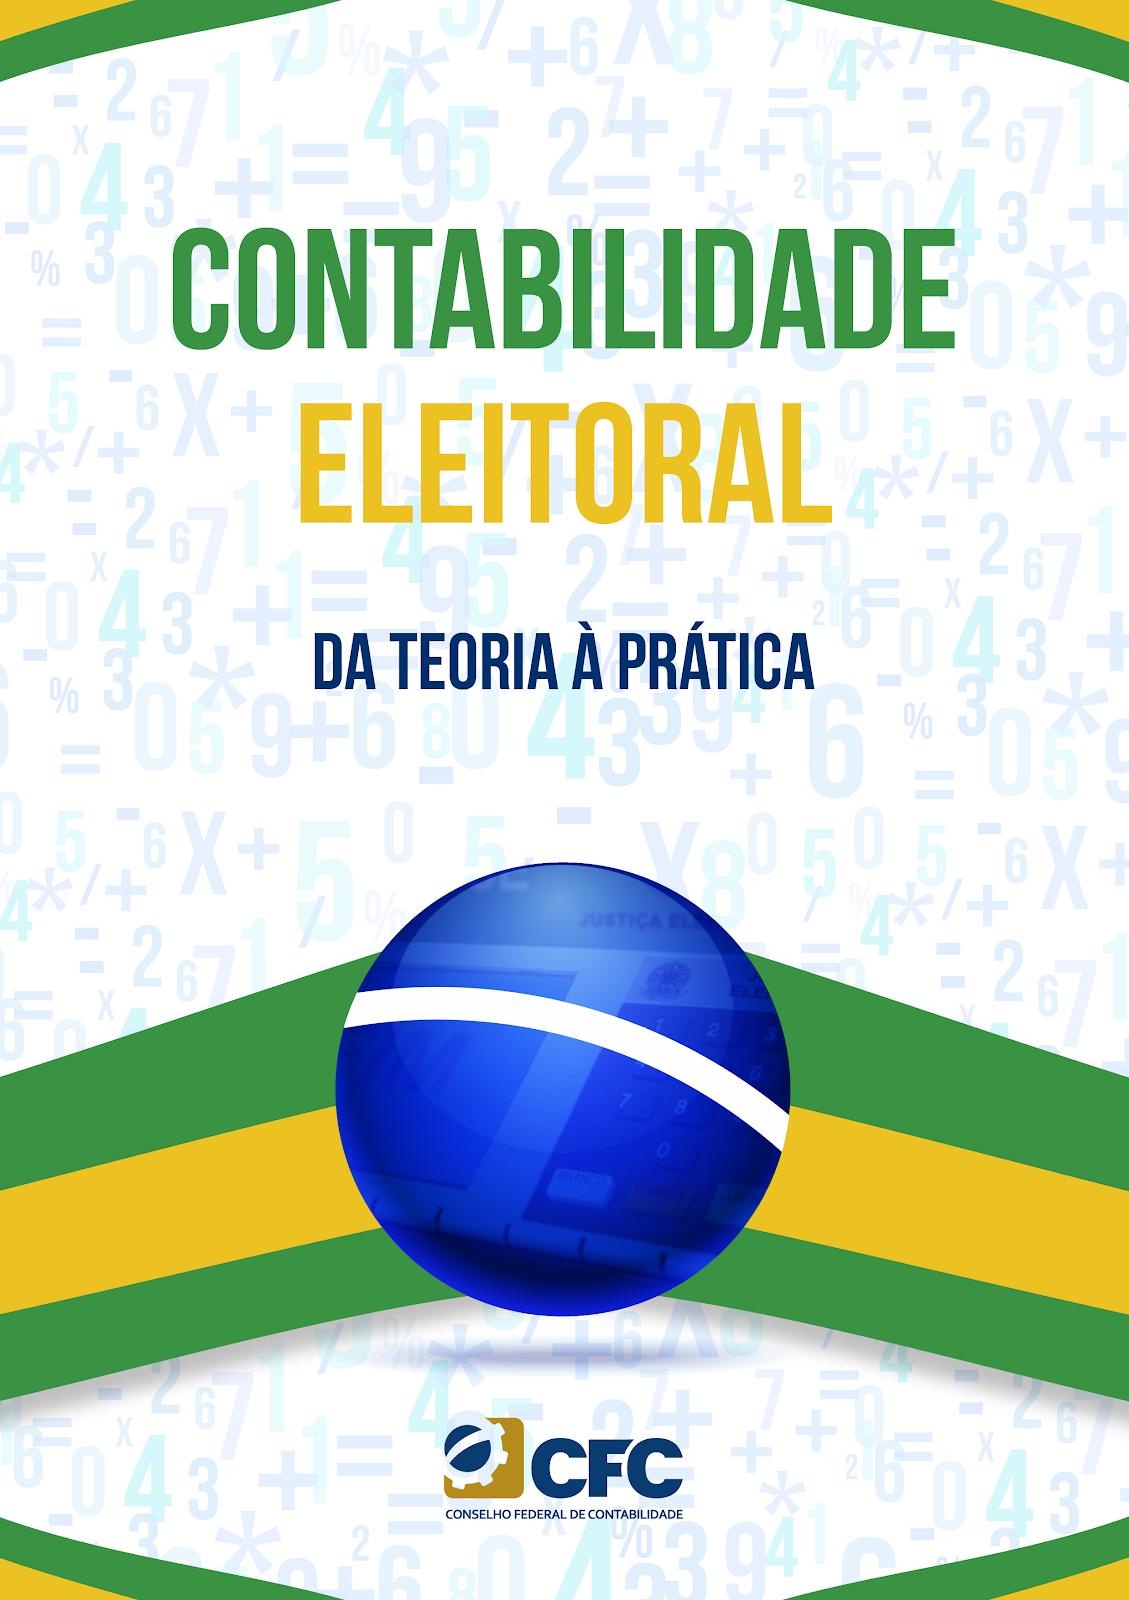 Manual:Contabilidade Eleitoral: da teoria à prática